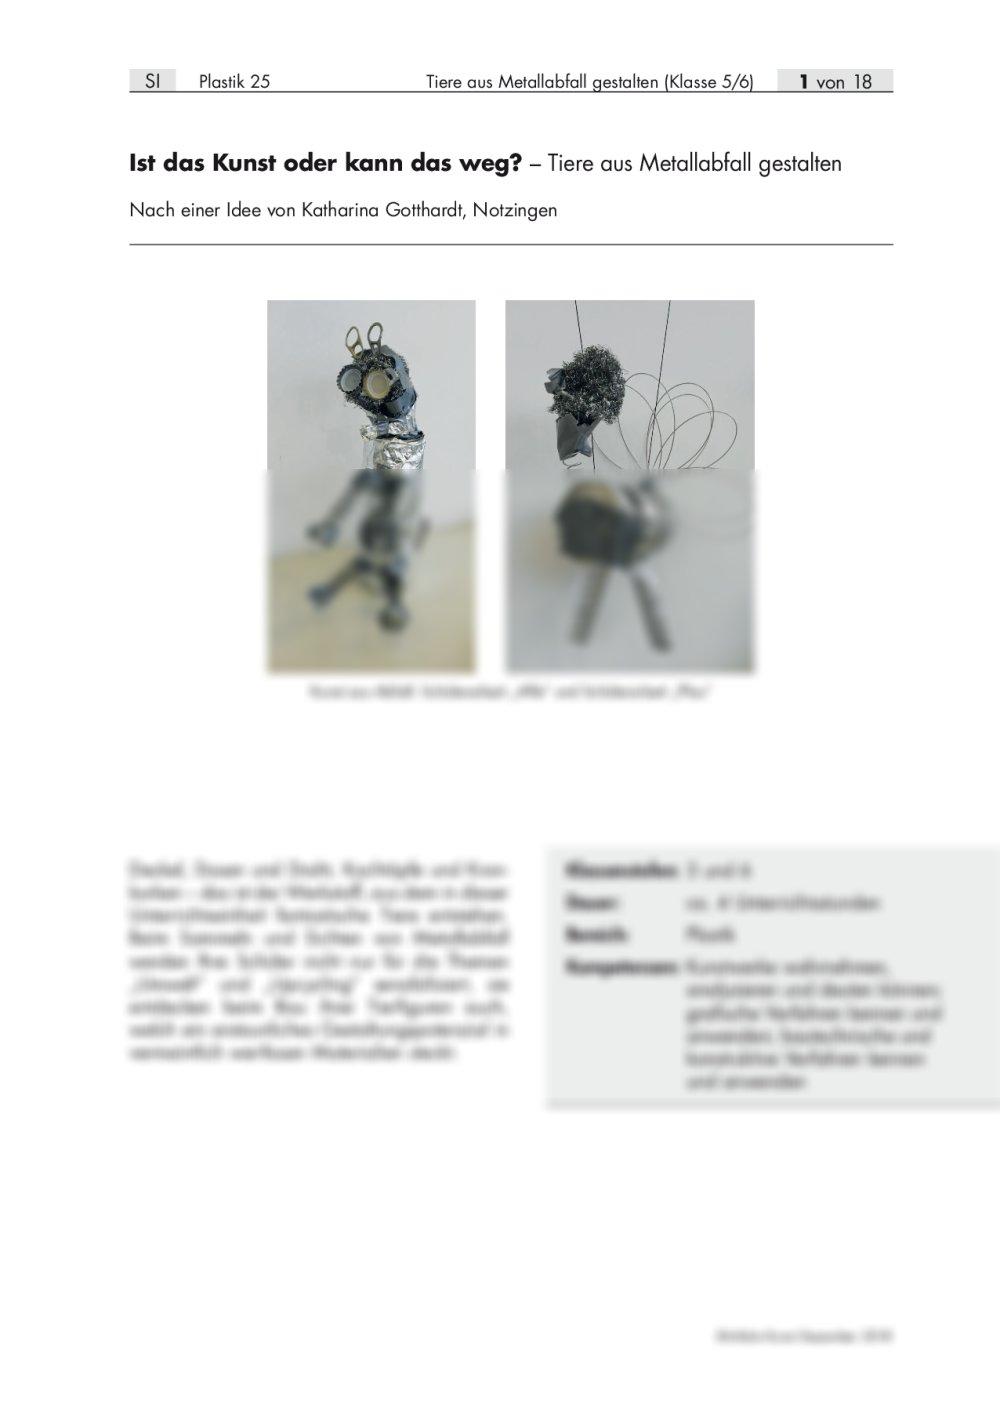 Tiere aus Metallabfall gestalten - Seite 1